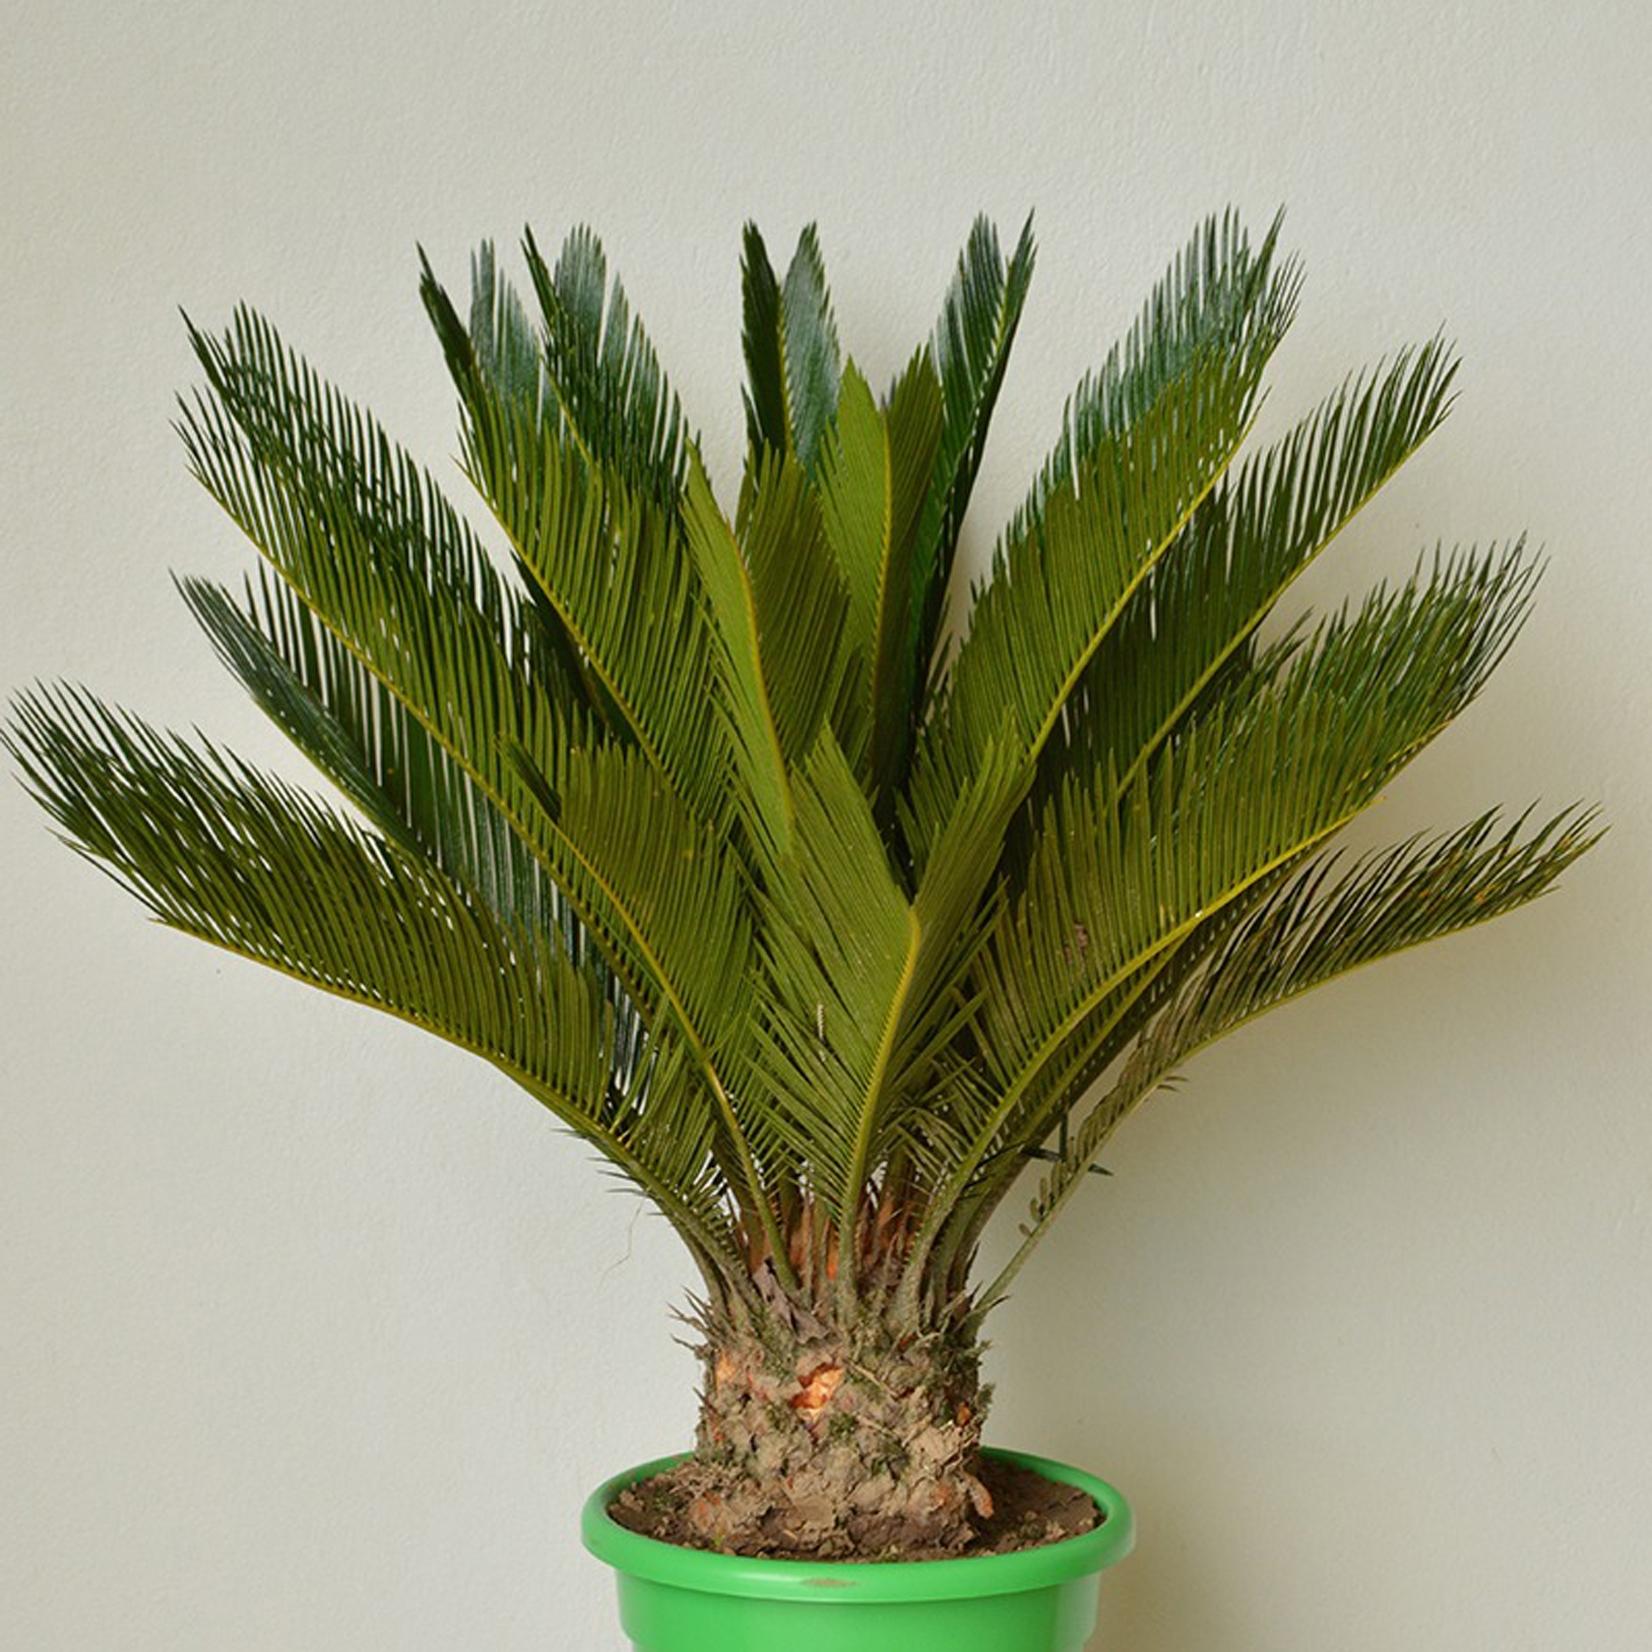 Sago Palm - Cycas revoluta -